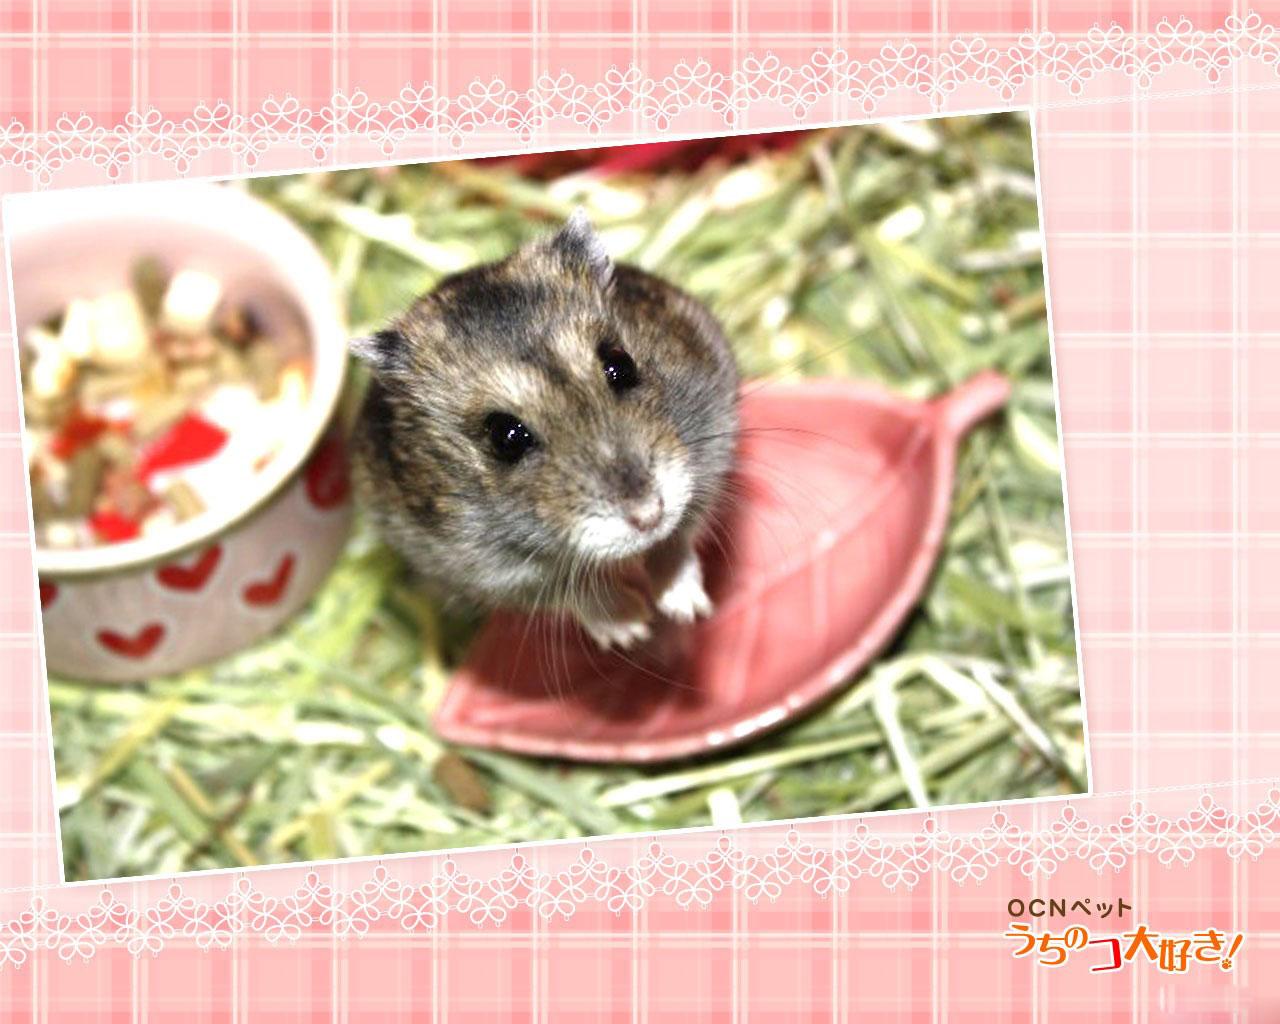 图片标题:动物世界-艺术宠物(1280x1024)